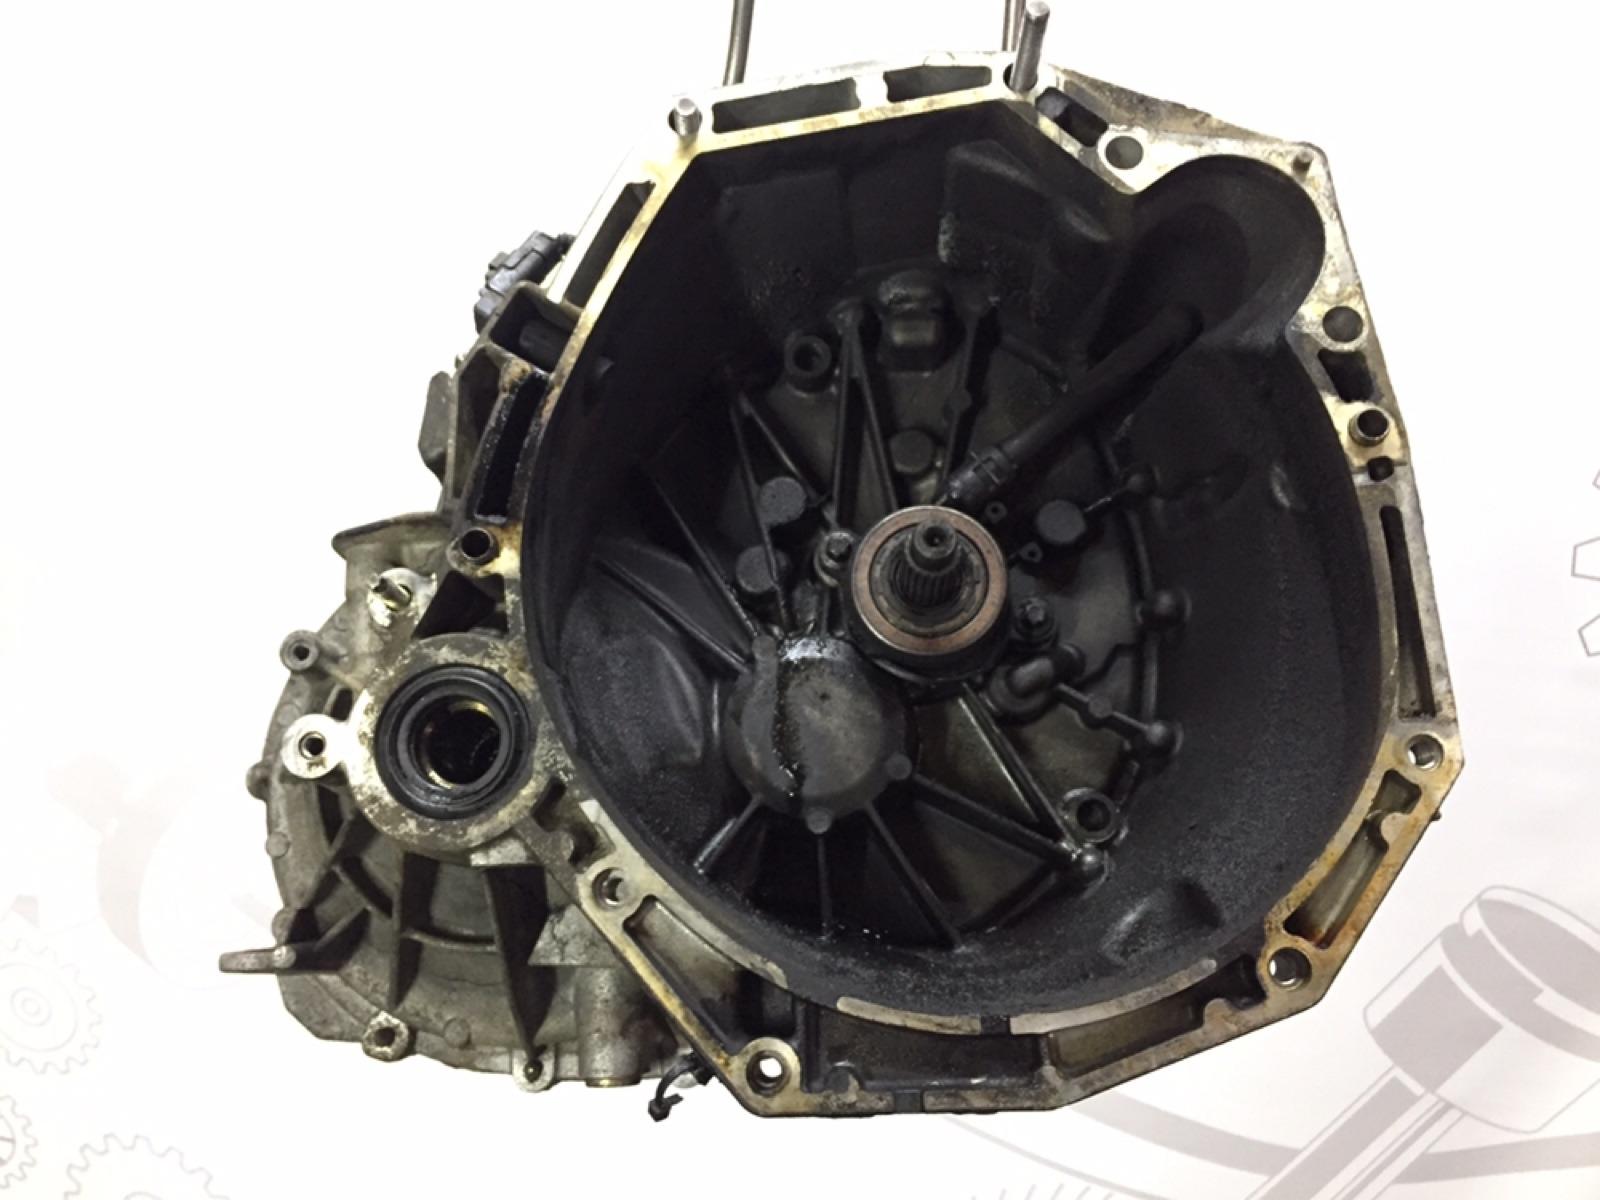 Кпп механическая (мкпп) Nissan Qashqai 1.5 DCI 2007 (б/у)